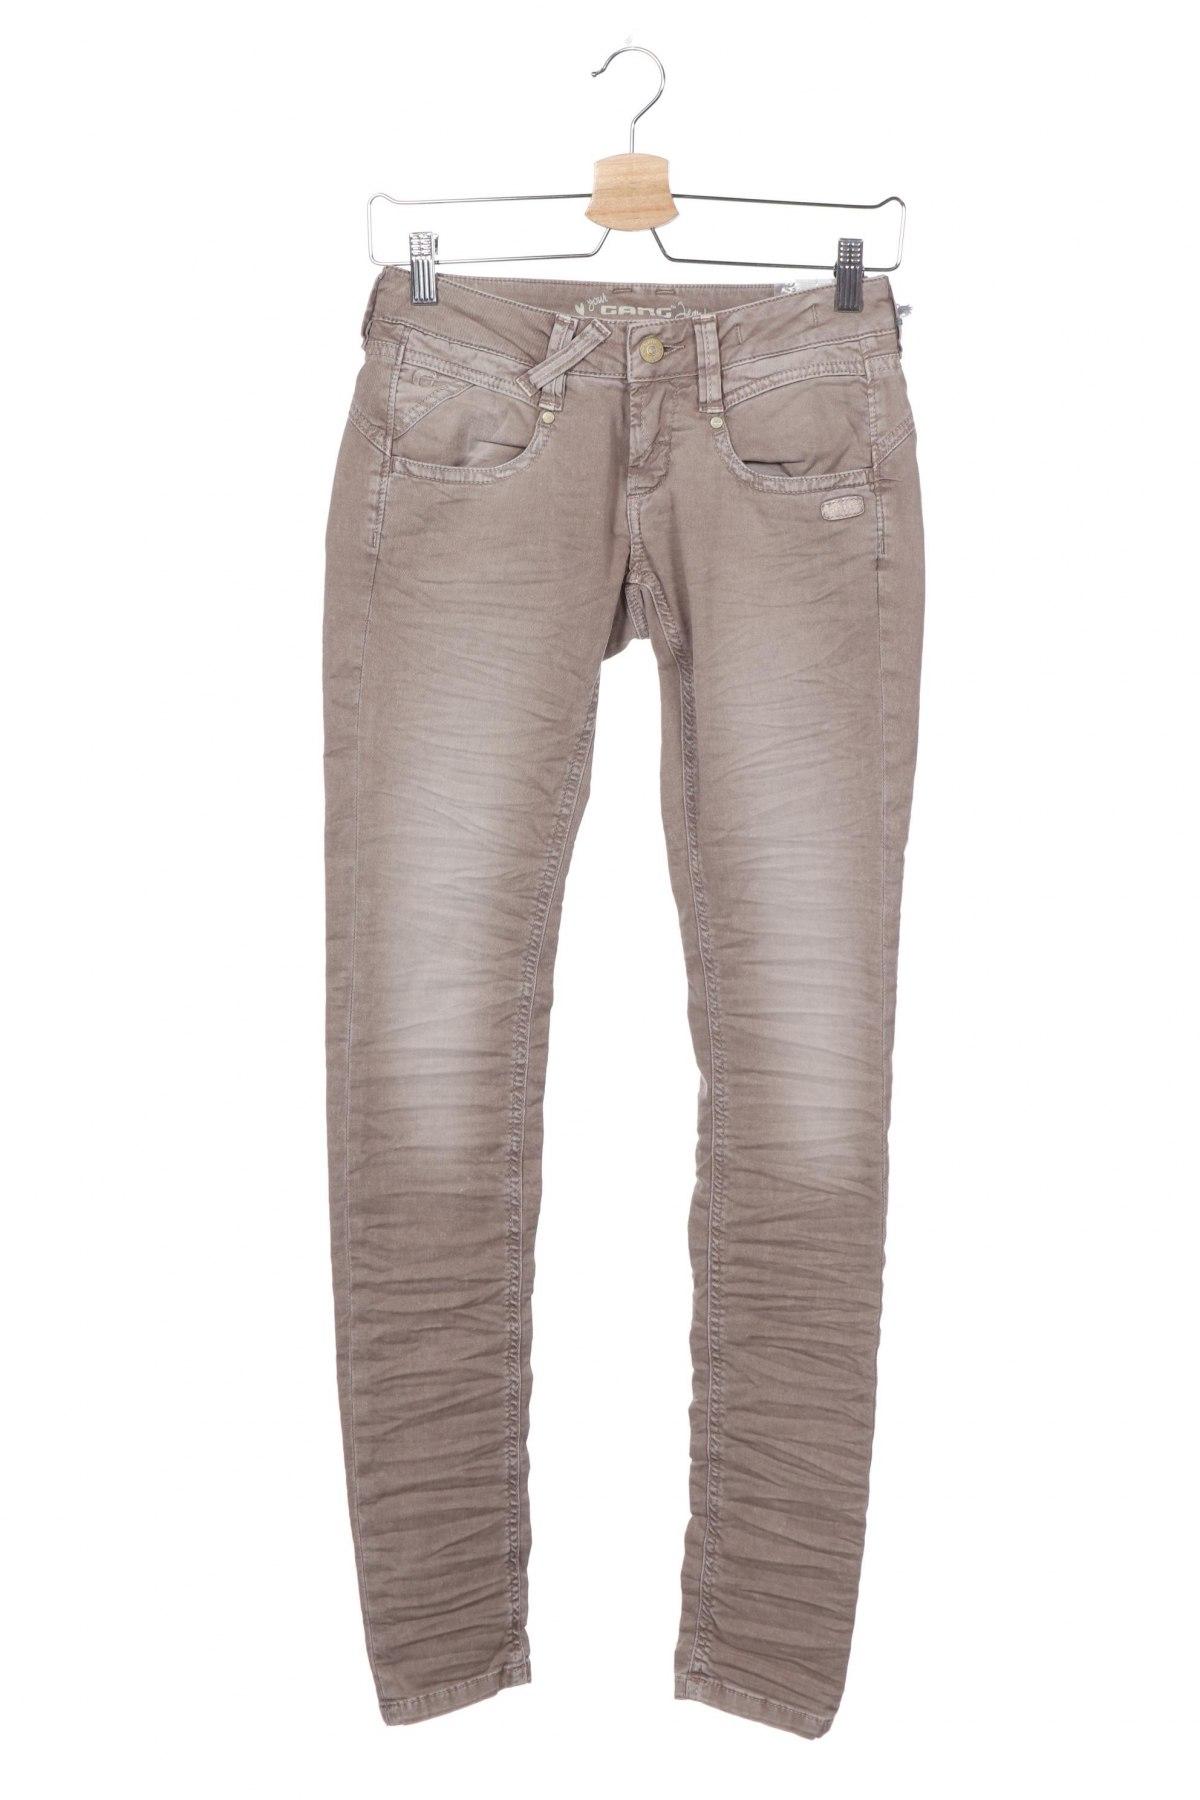 Дамски дънки Gang, Размер S, Цвят Кафяв, 98% памук, 2% еластан, Цена 15,90лв.